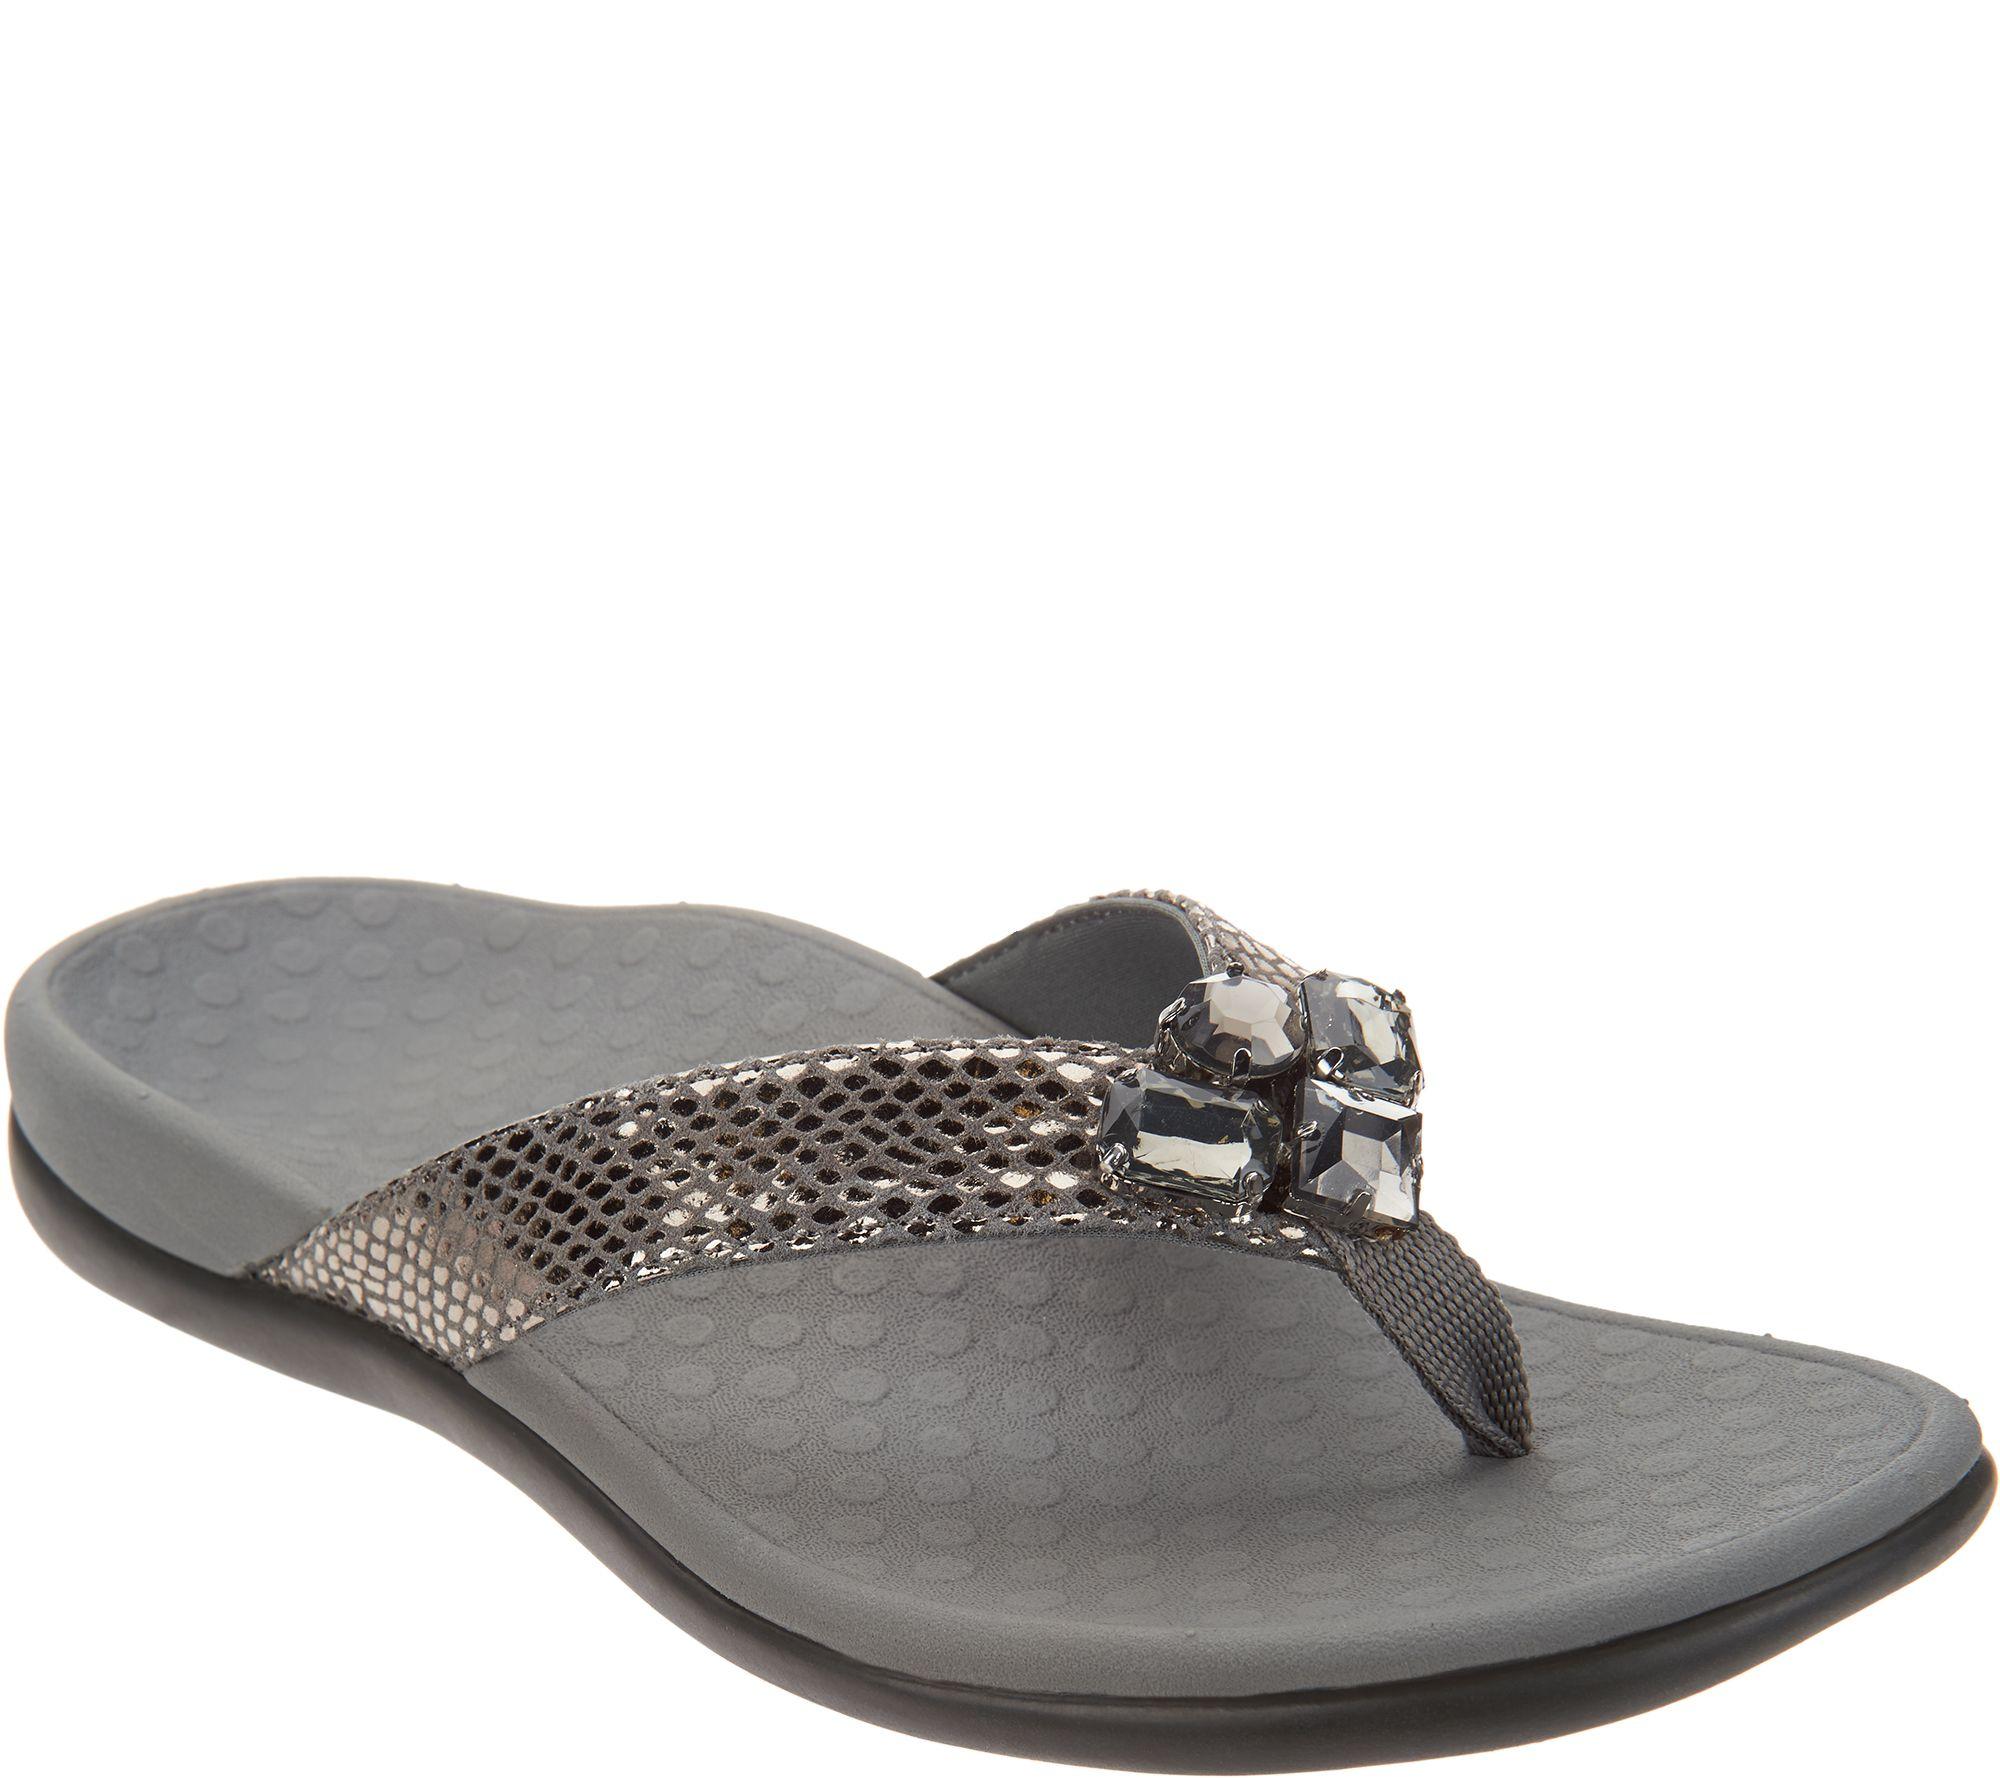 cd25746f2c38 Vionic Embellished Leather Thong Sandals - Tide Jewel - Page 1 — QVC.com